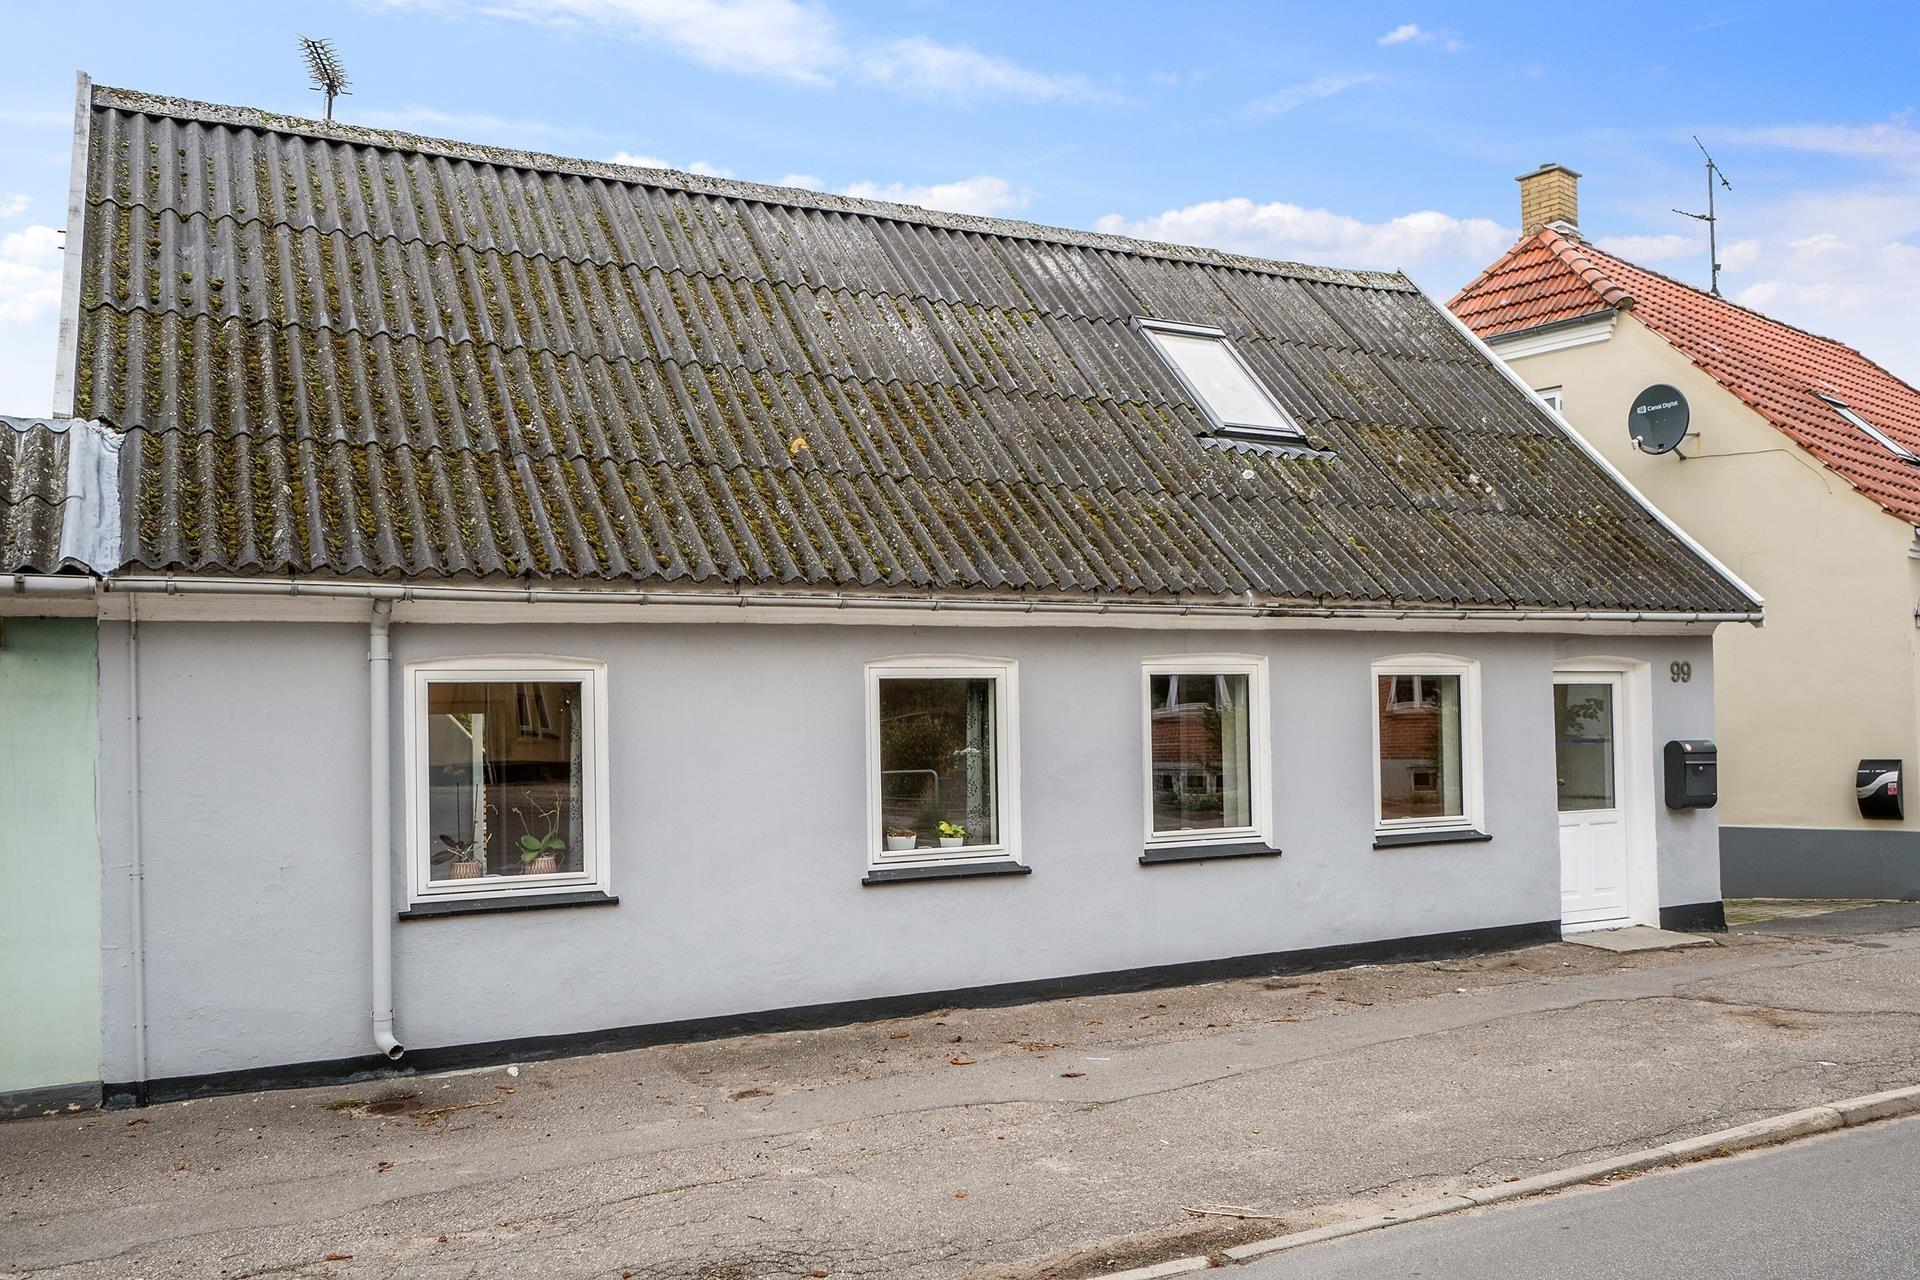 Gl Nykøbingvej 99, 4572 Nørre Asmindrup